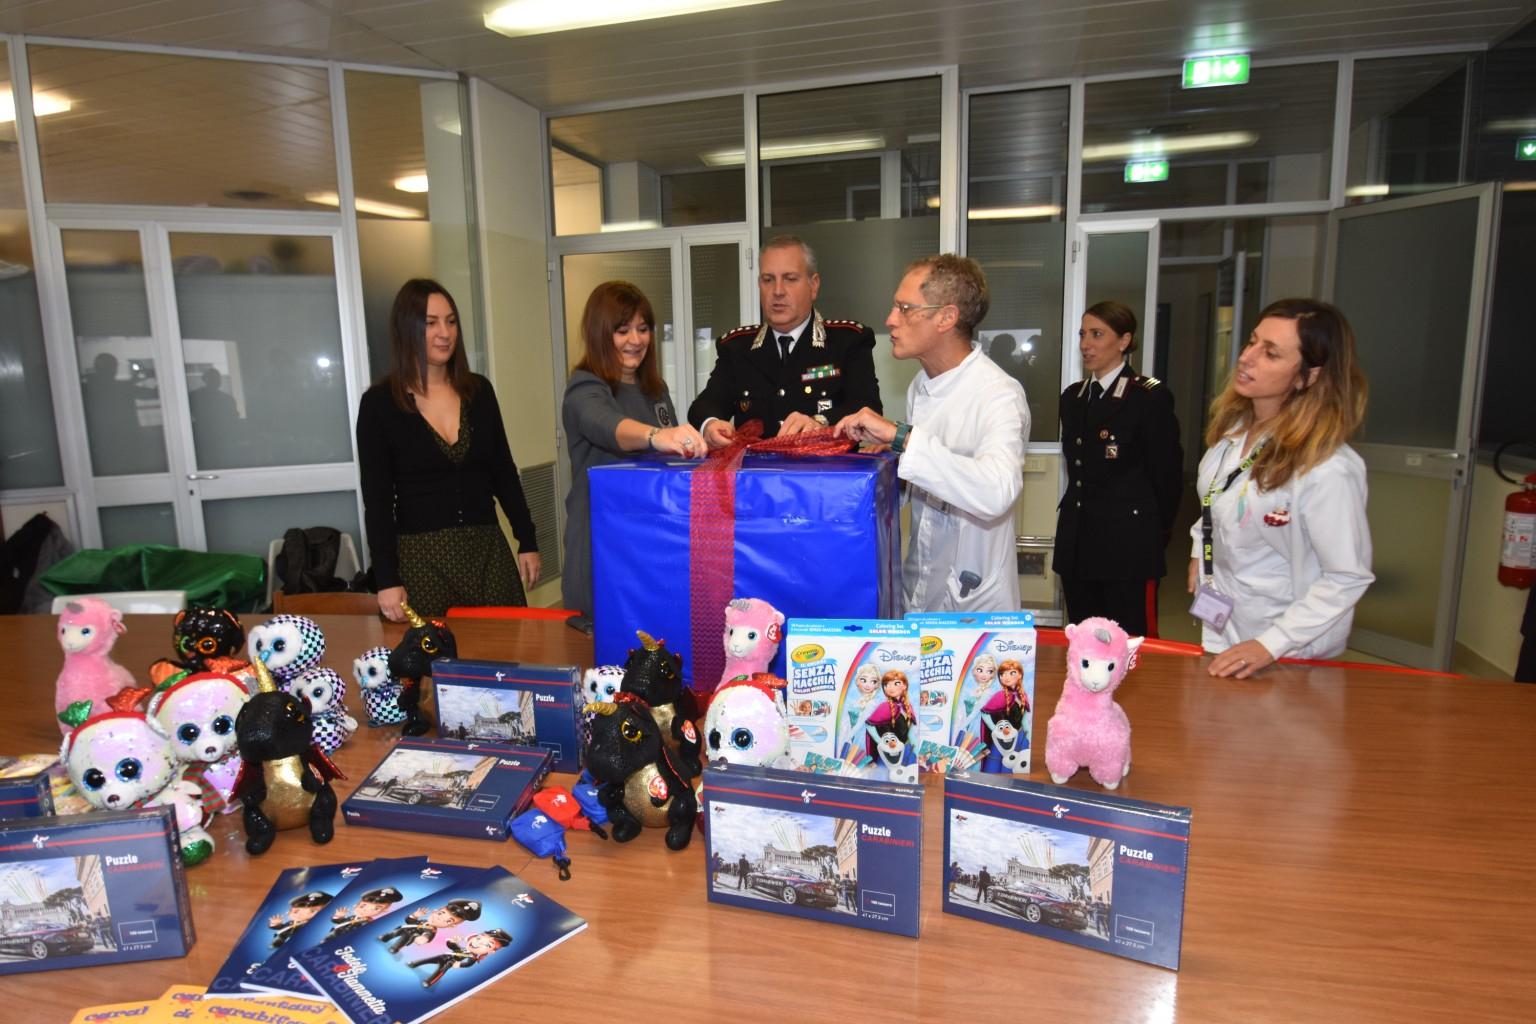 Forlì, i carabinieri in pediatria con giochi e doni per i bimbi malati